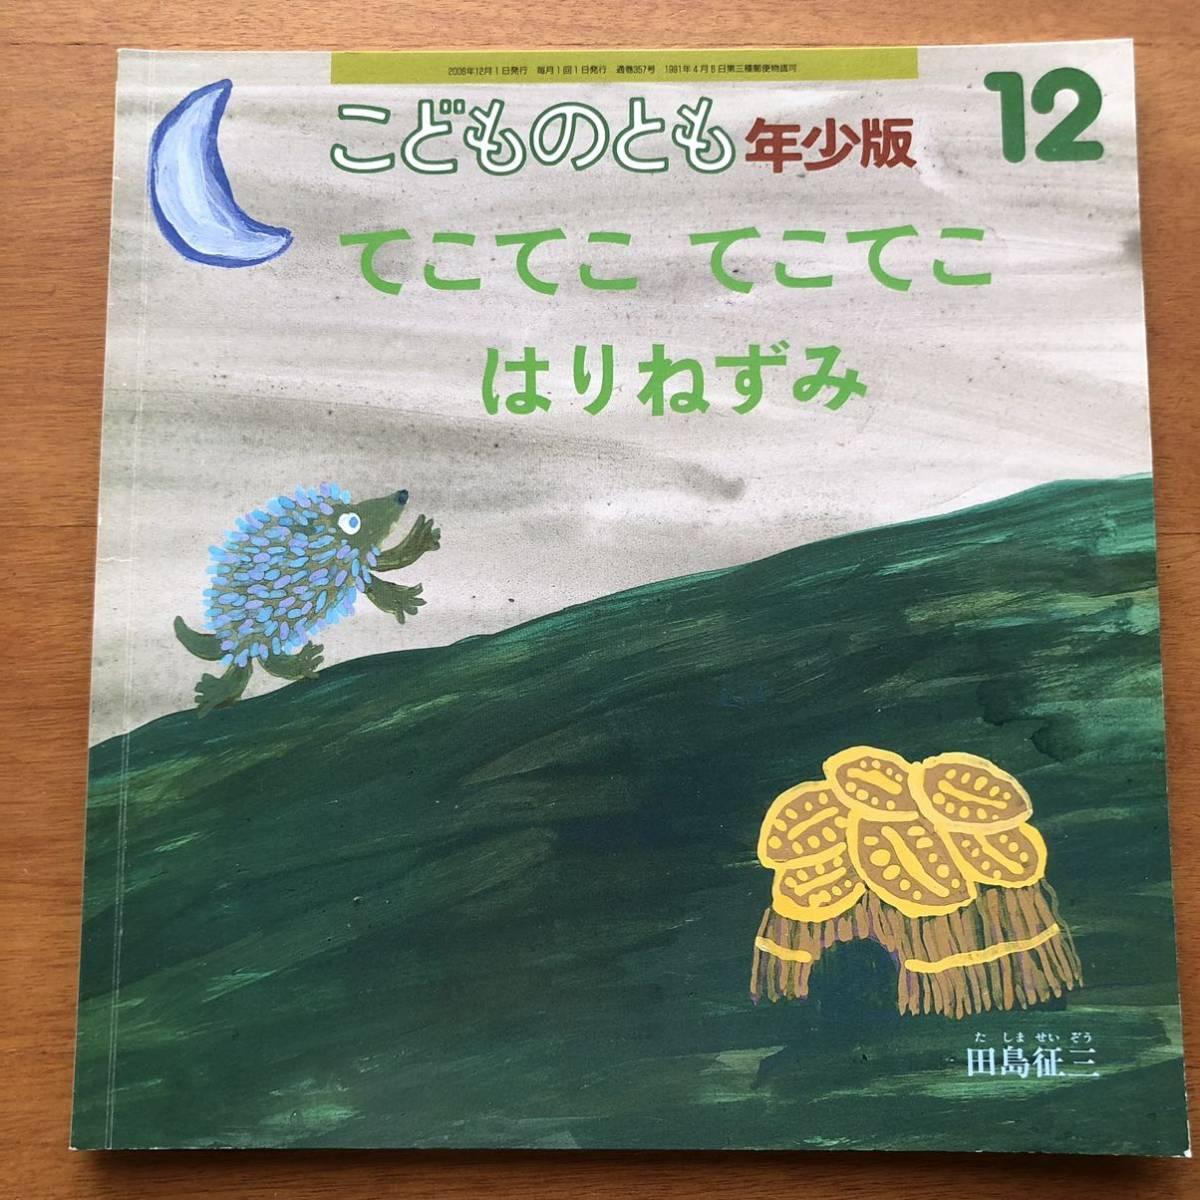 こどものとも年少版 てこてこてこてこ はりねずみ 田島征三 2006年 初版 絶版 古い 絵本 育児 保育 読み聞かせ 幼児 ハリネズミ